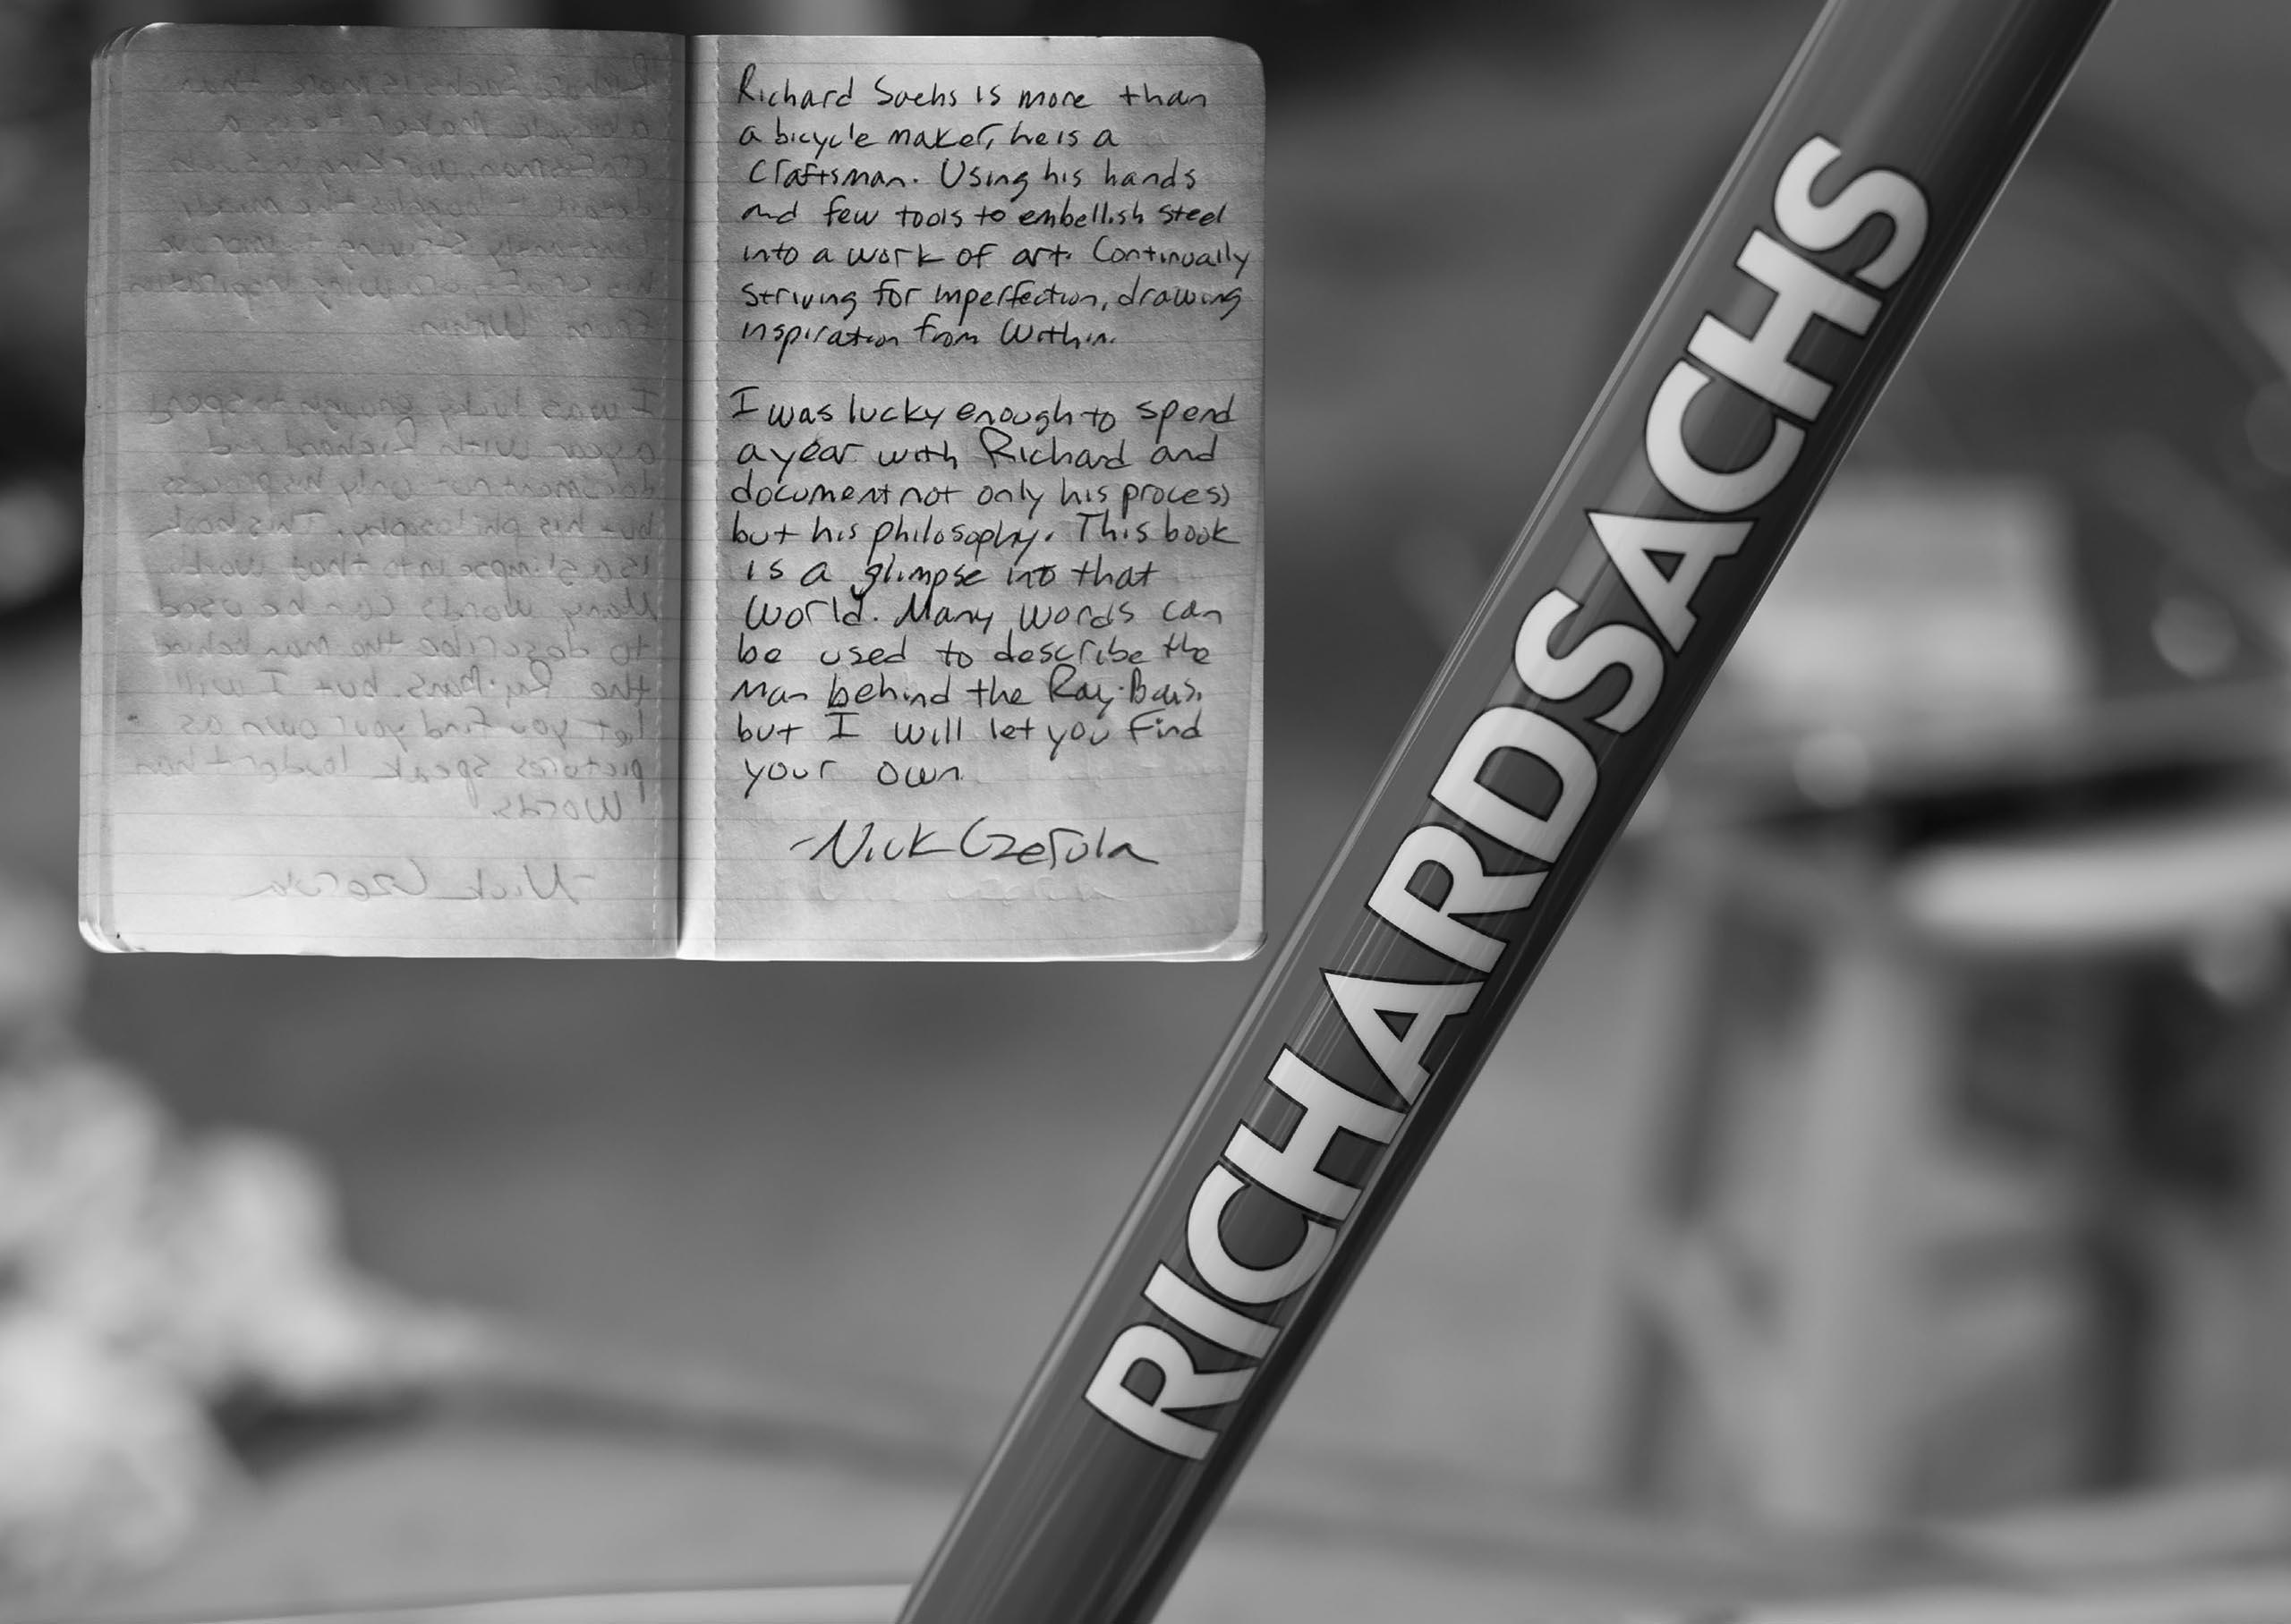 Richard_Sachs